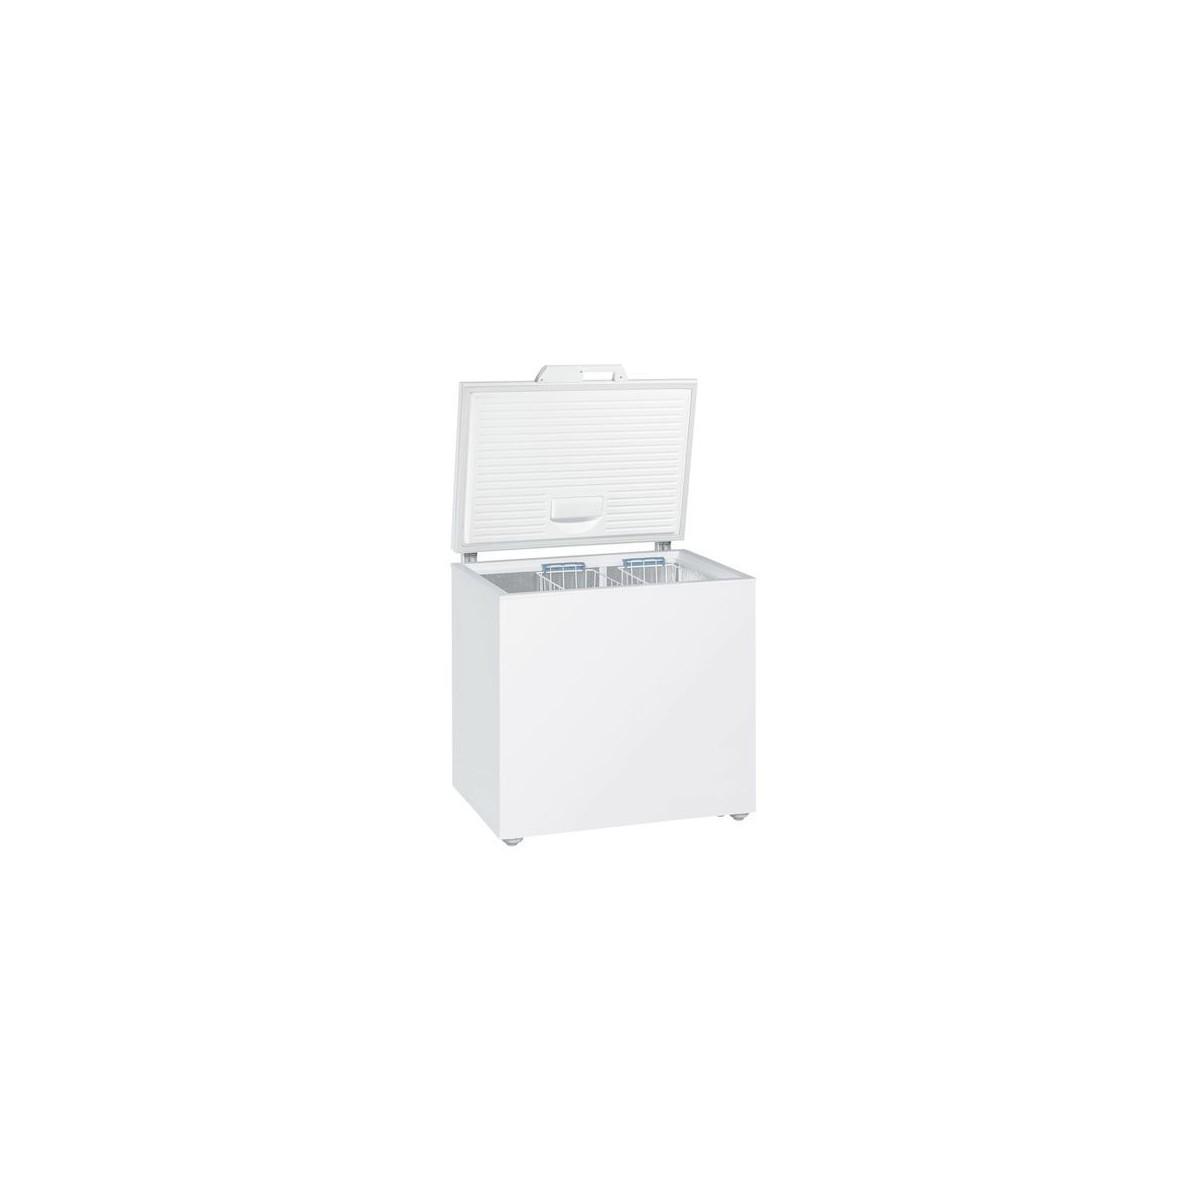 Arcon Congelador horizontal Liebherr Gt2632 A++